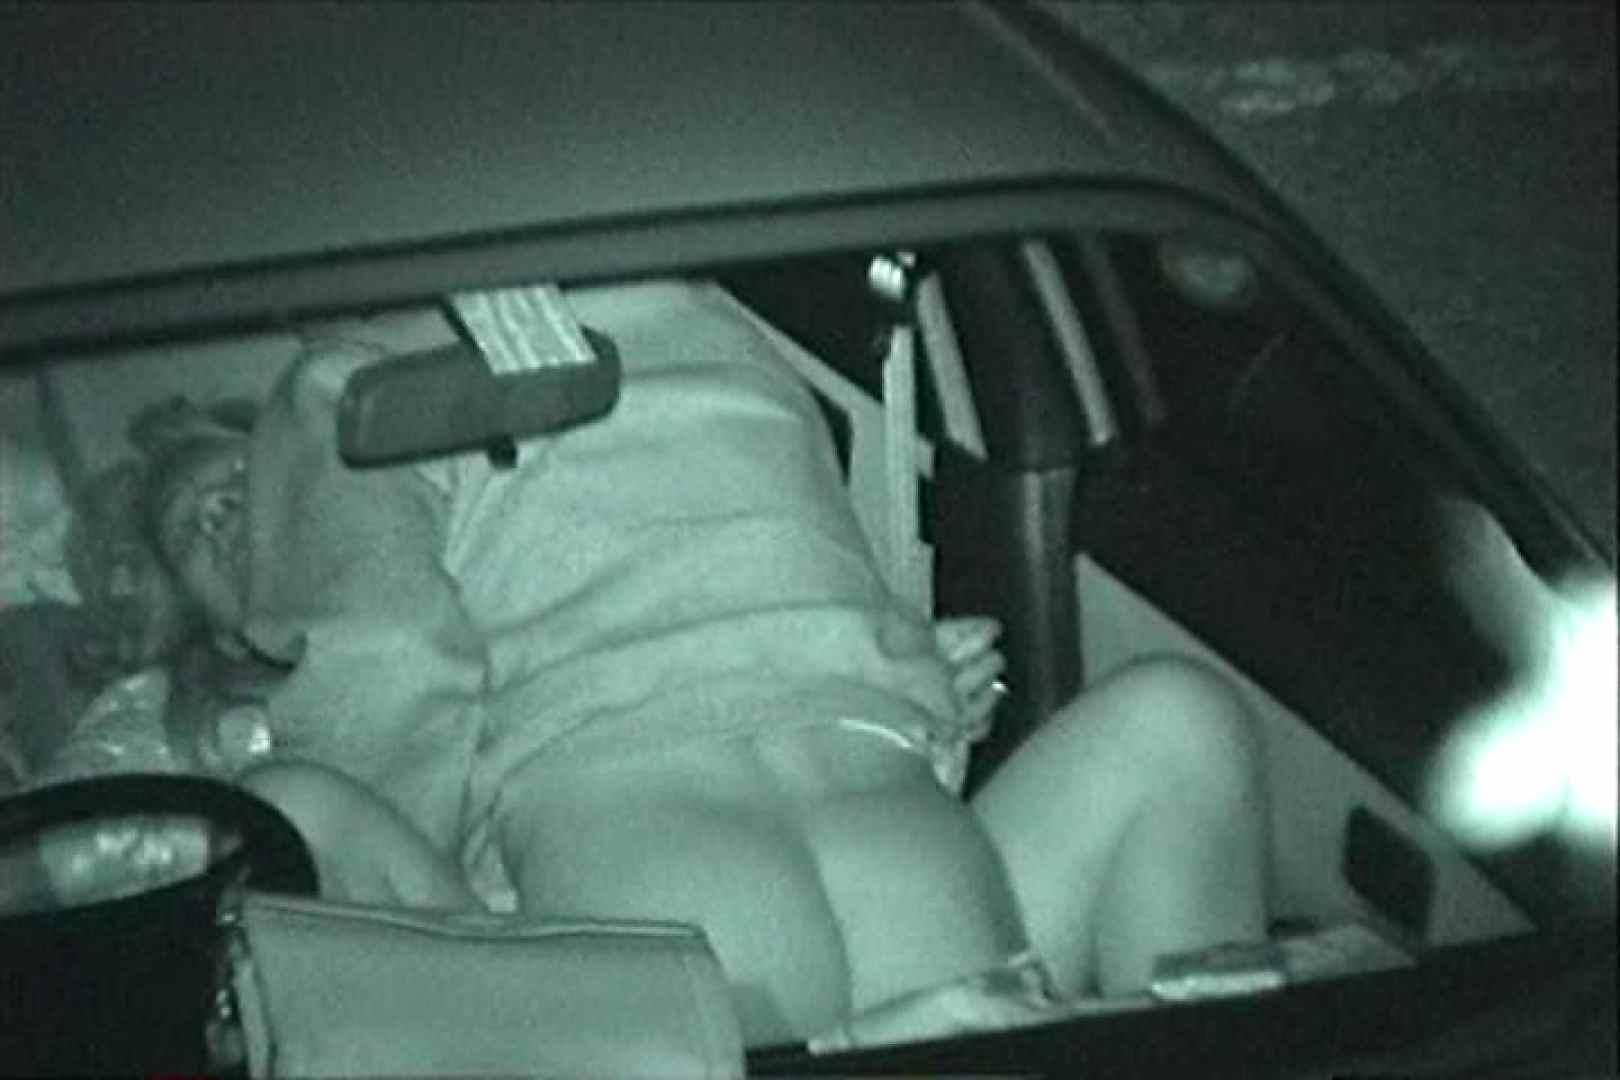 車の中はラブホテル 無修正版  Vol.28 HなOL 盗撮動画紹介 99pic 2